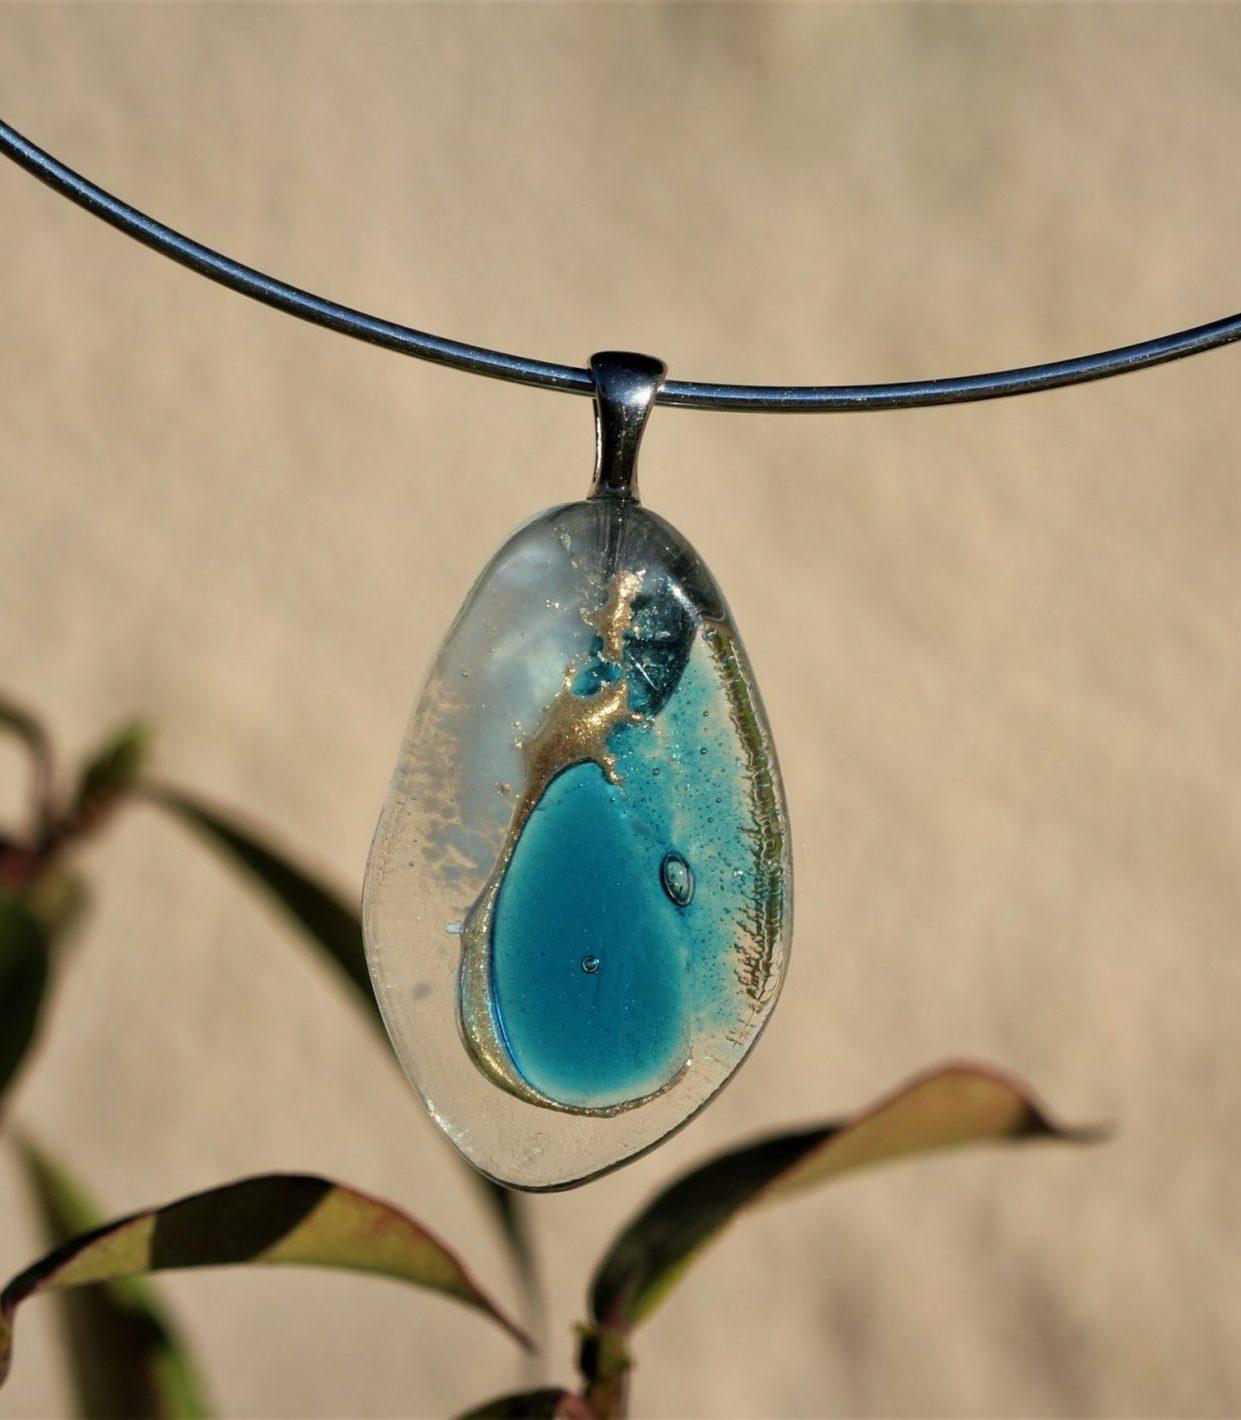 pendentif en verre goutte d'eau bleu turquoise et transparent